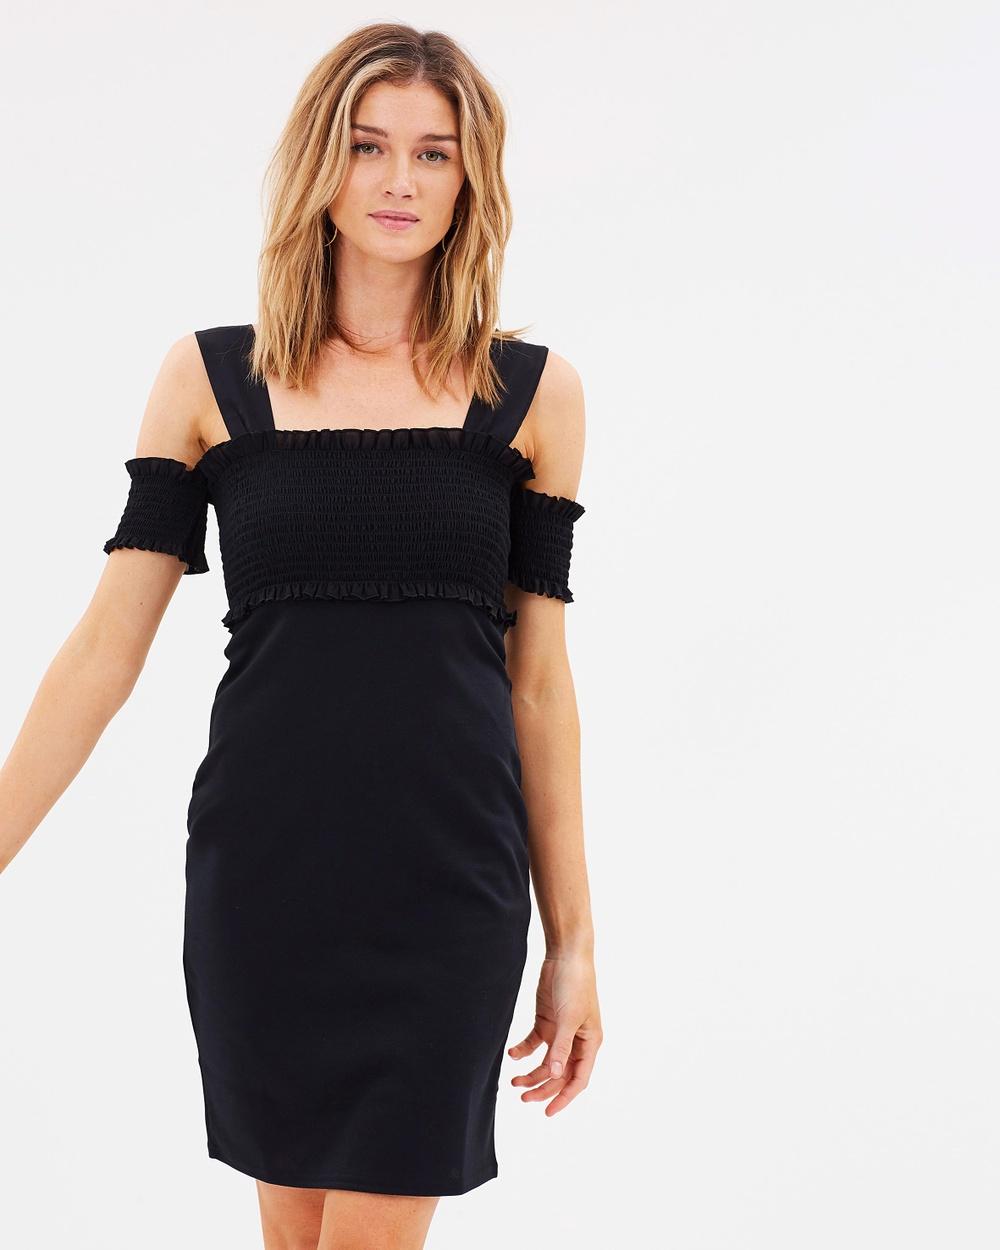 Lost Ink Shirred Top Body Con Mini Dress Bodycon Dresses Black Shirred Top Body-Con Mini Dress